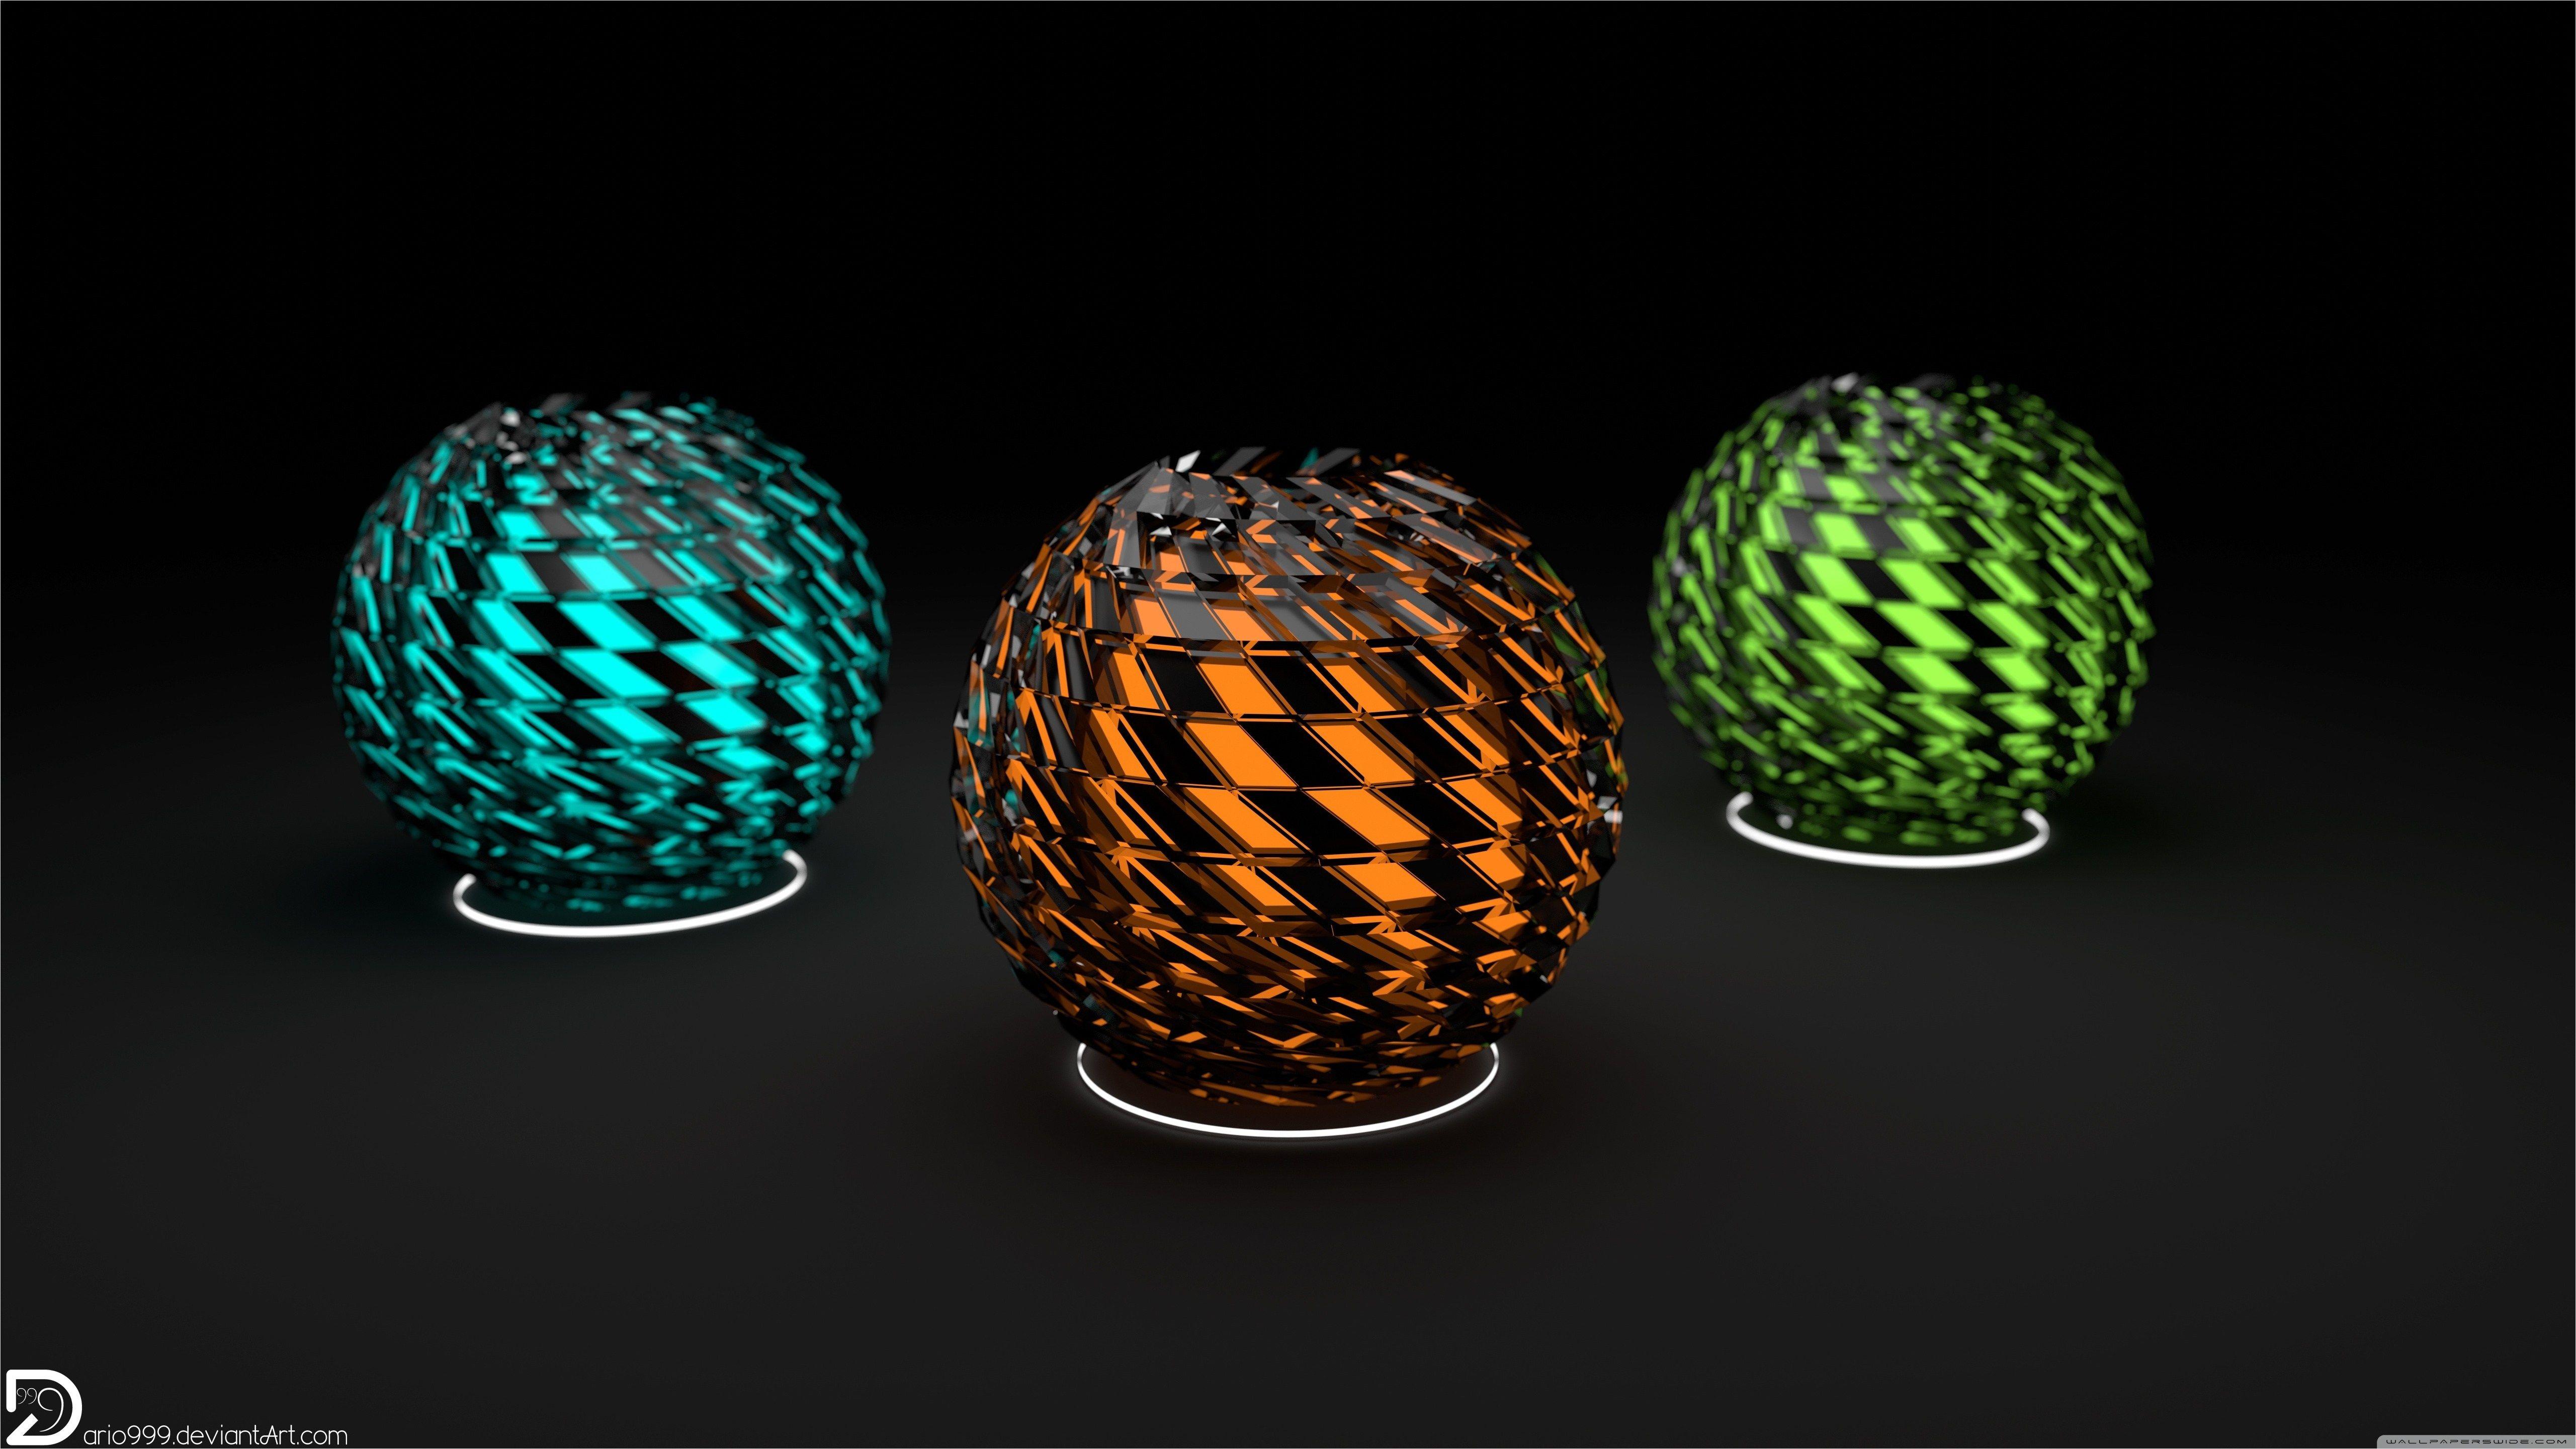 Cool Distorted Spheres 5k Apple Imac Wallpaper In 2019